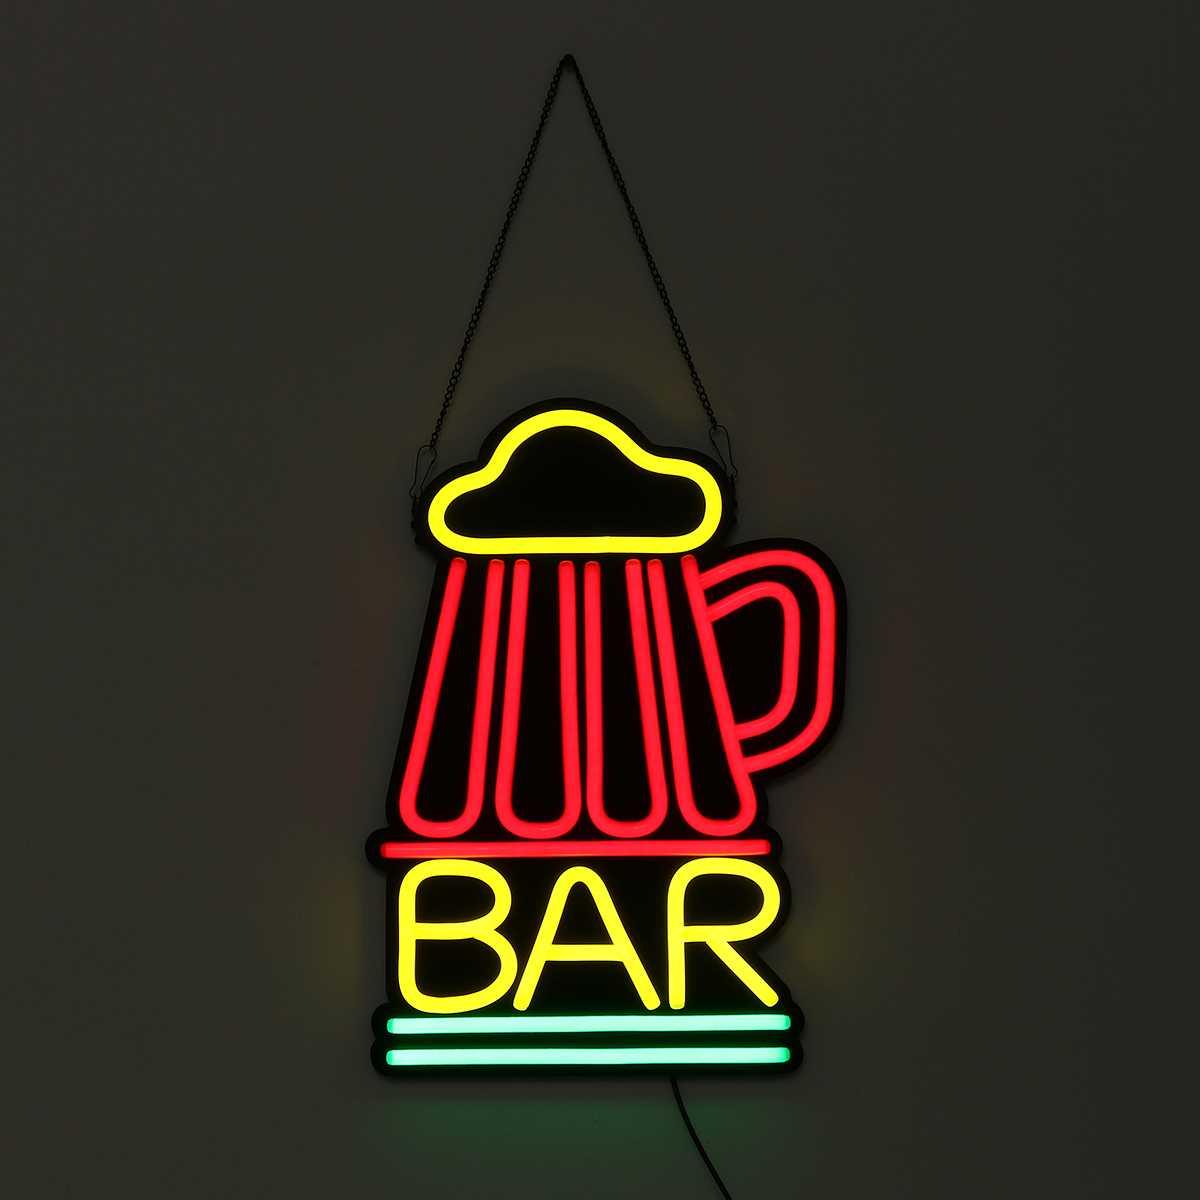 Barre de LED néon signe lumière Tube à la main illustration visuelle Bar Club KTV éclairage Commercial coloré néon ampoules décoration murale